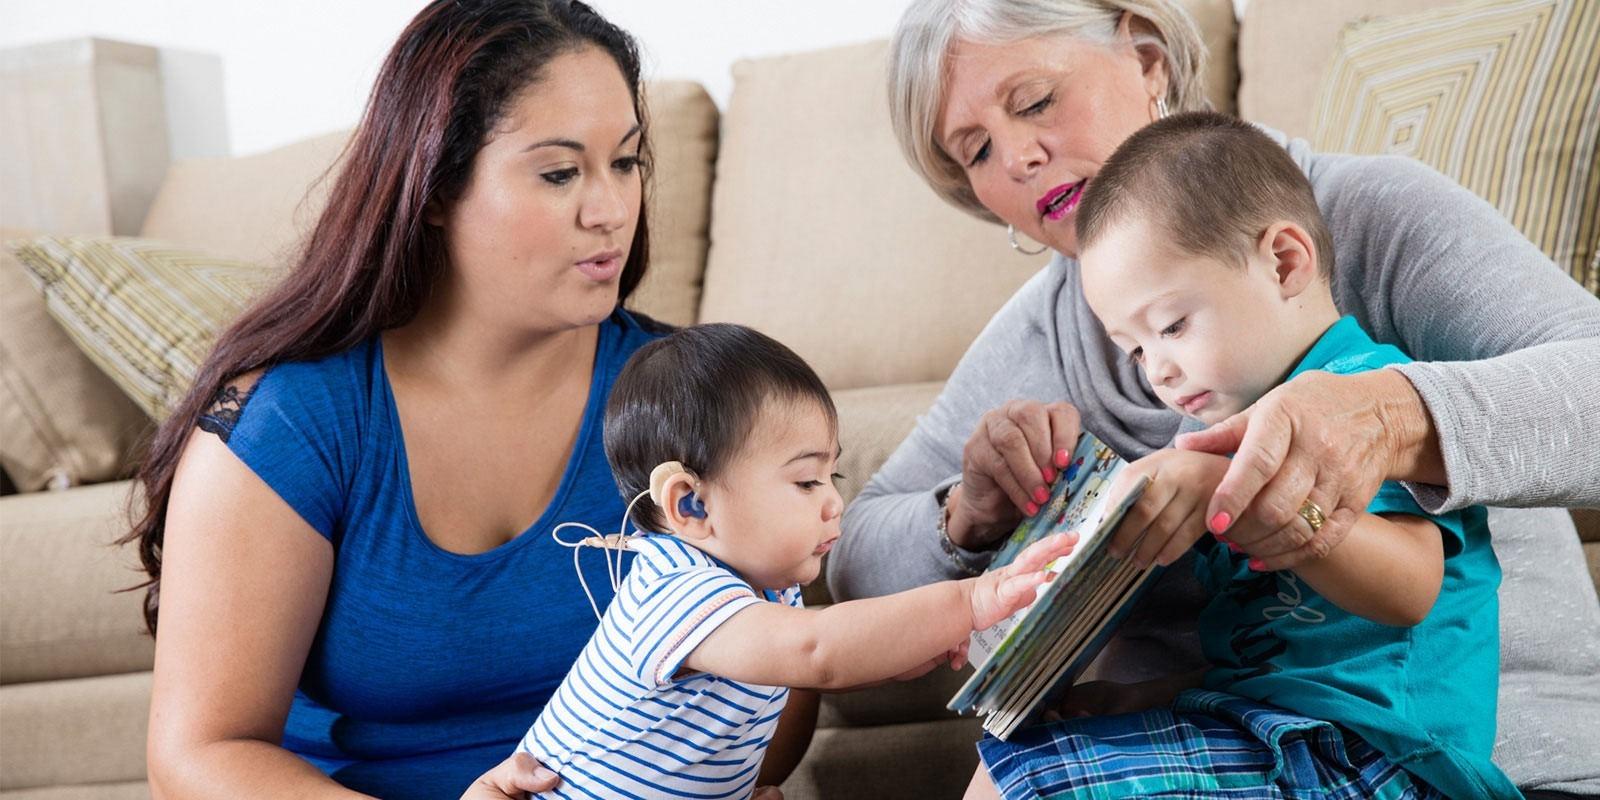 واکنش والدين به کم شنوايي کودک